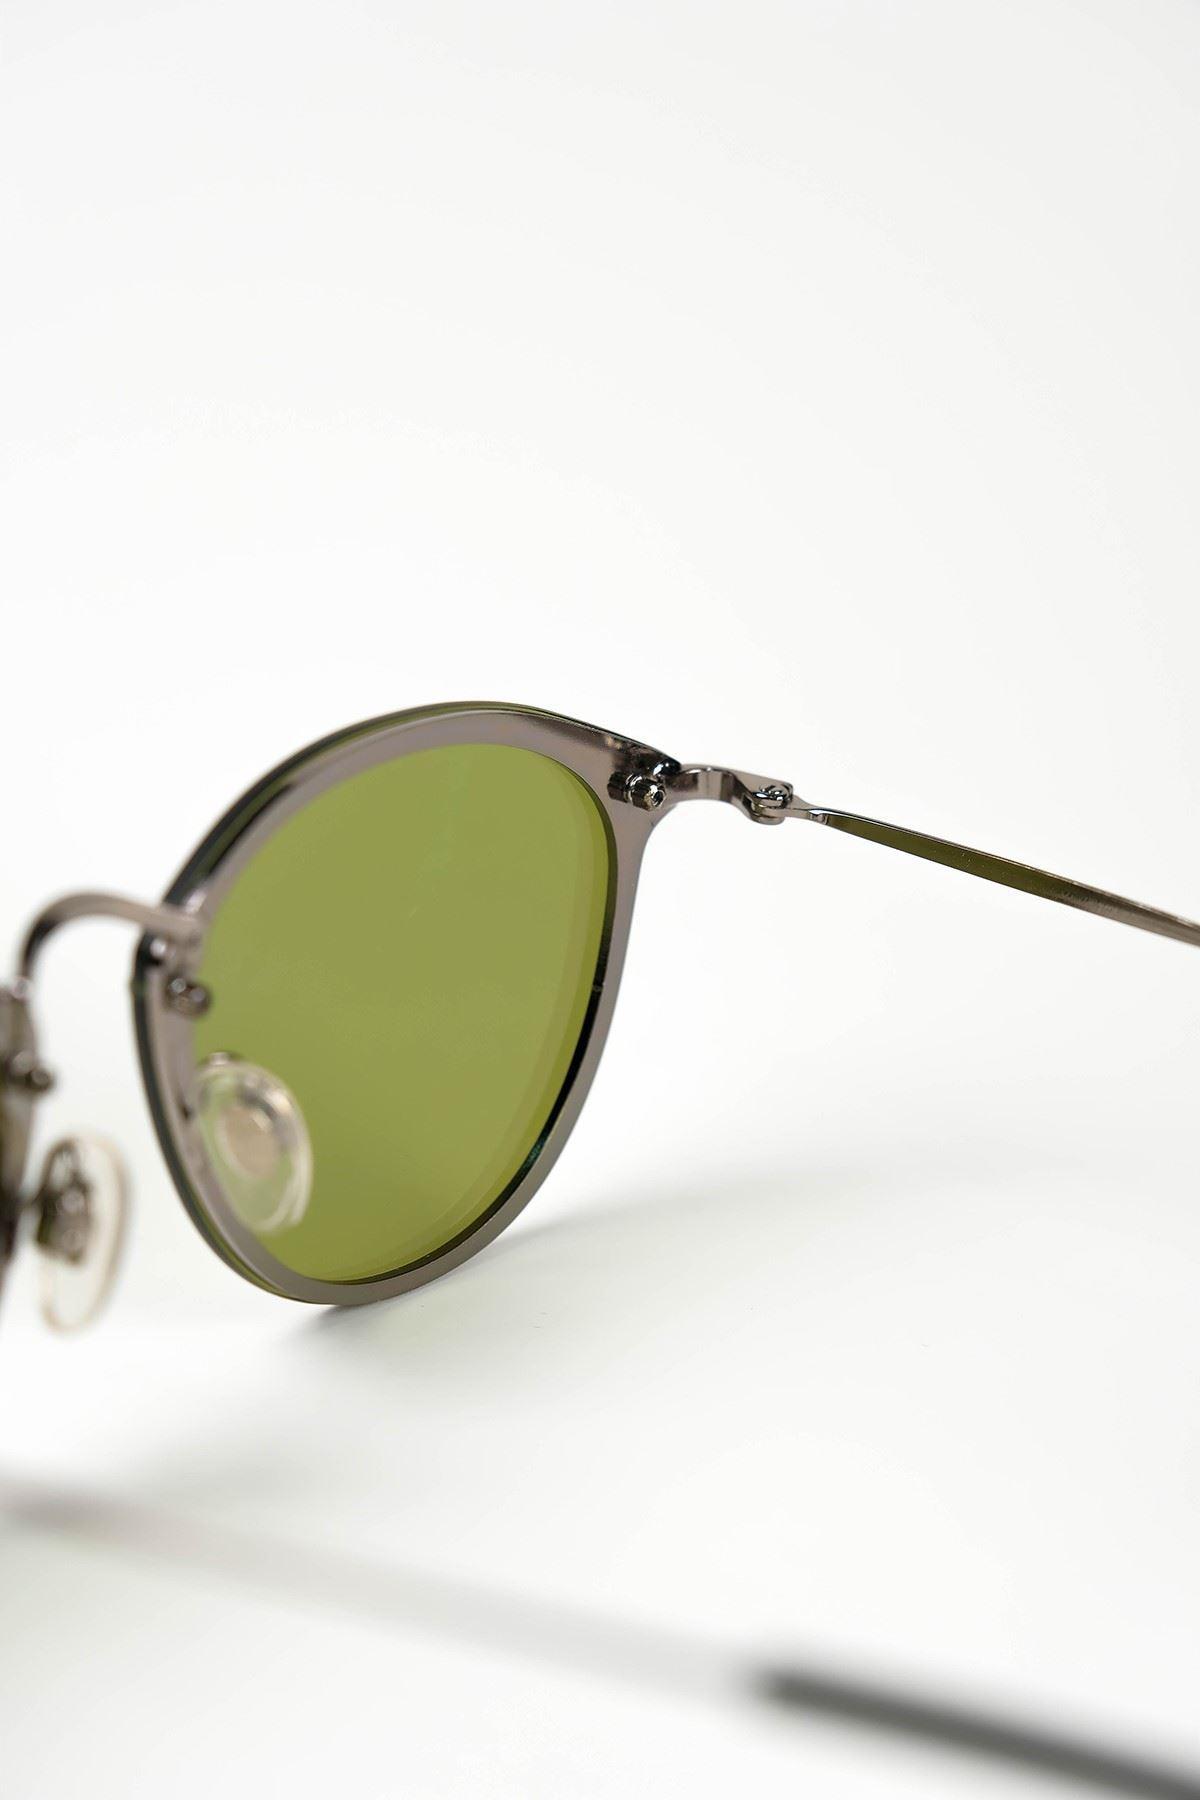 Danıel Kleın Gözlük Col1 - 4170.443.